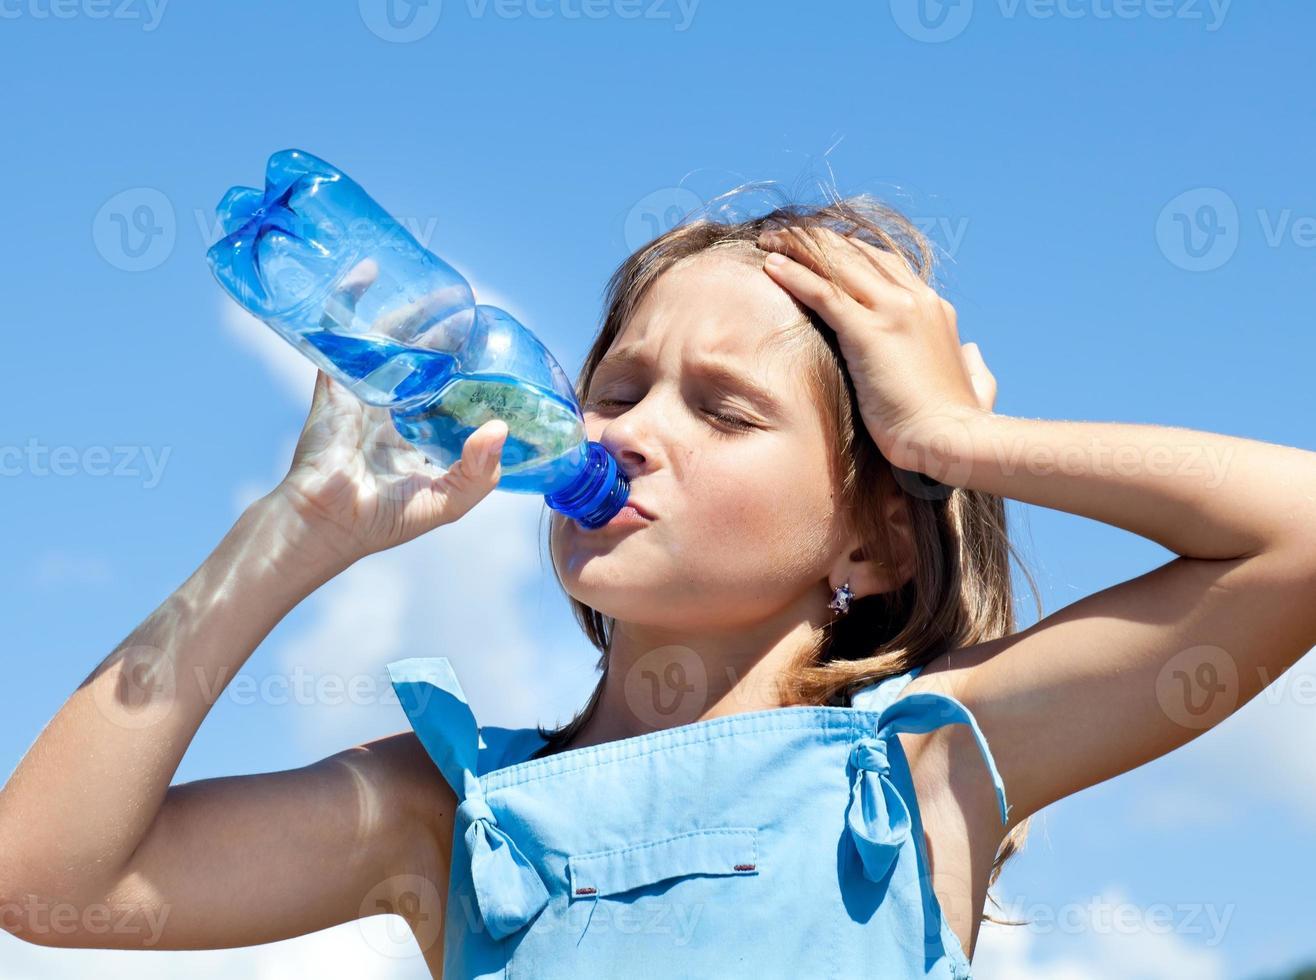 jeune, belle fille, eau potable photo